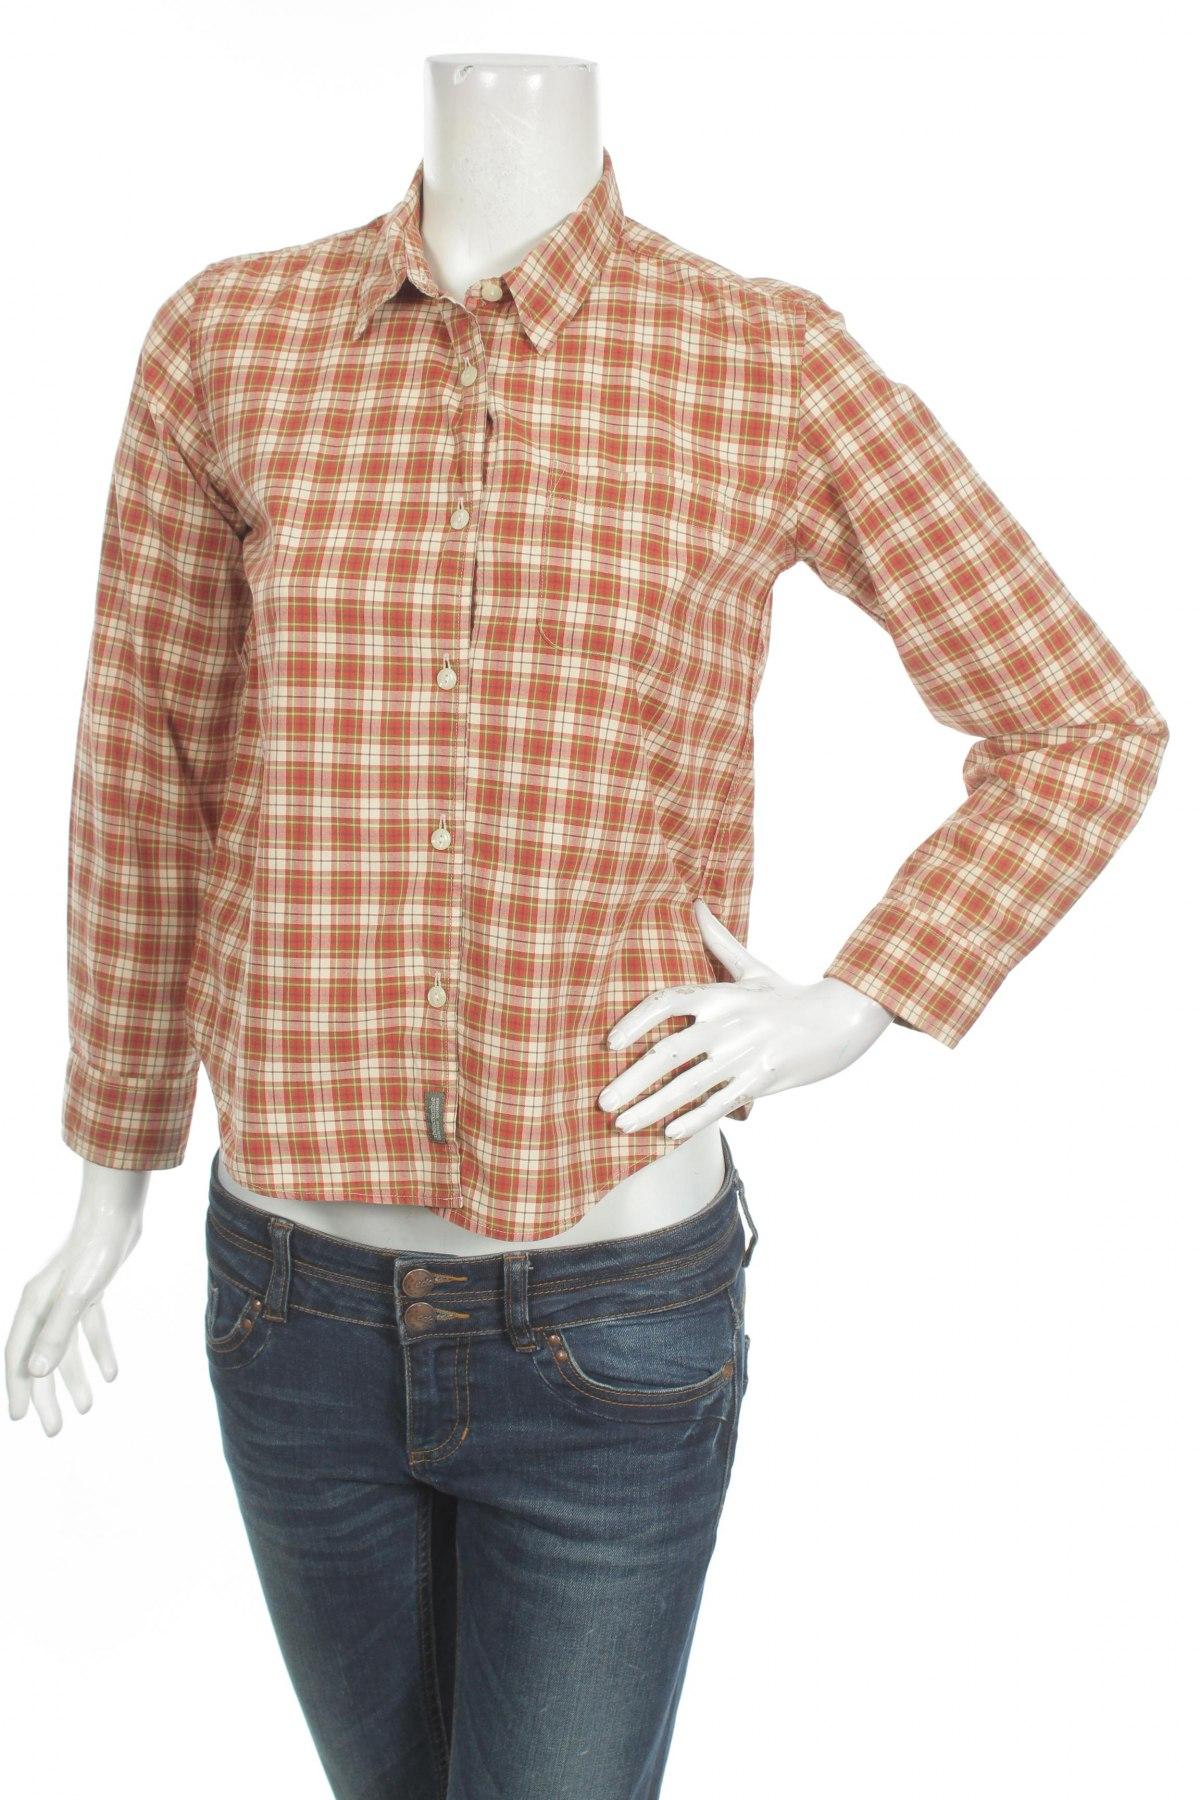 Γυναικείο πουκάμισο Abercrombie & Fitch